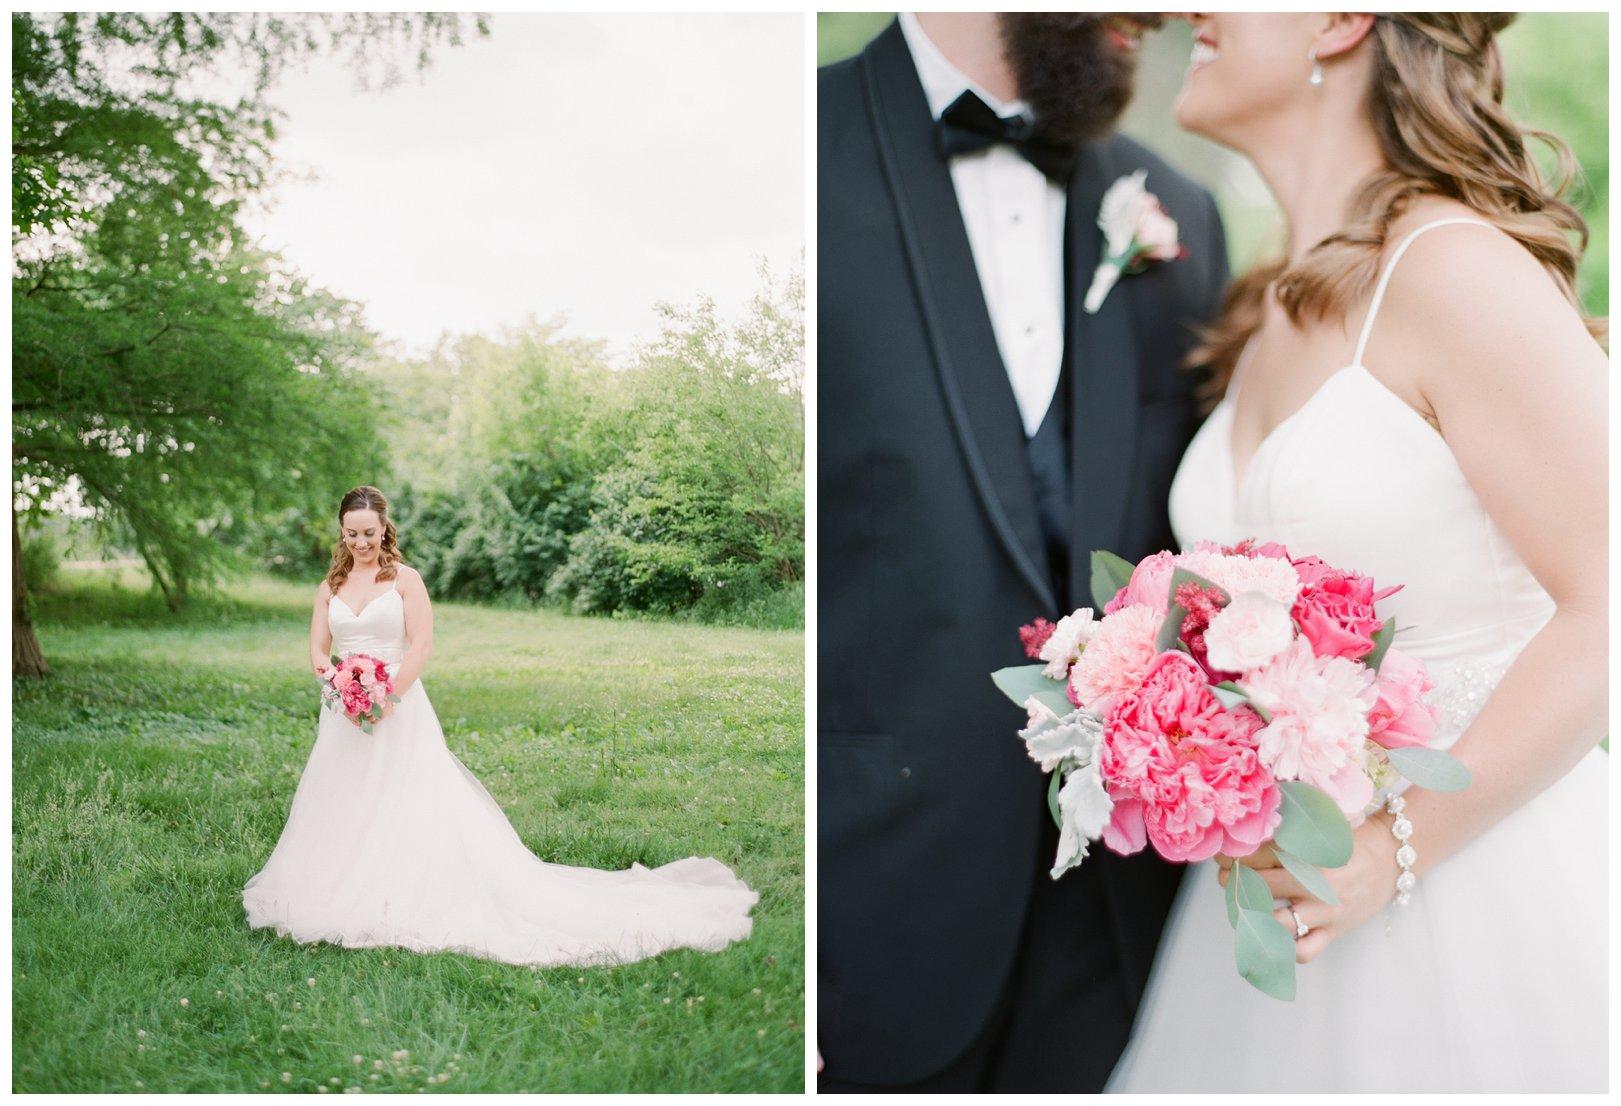 lauren muckler photography_fine art film wedding photography_st louis_photography_1103.jpg